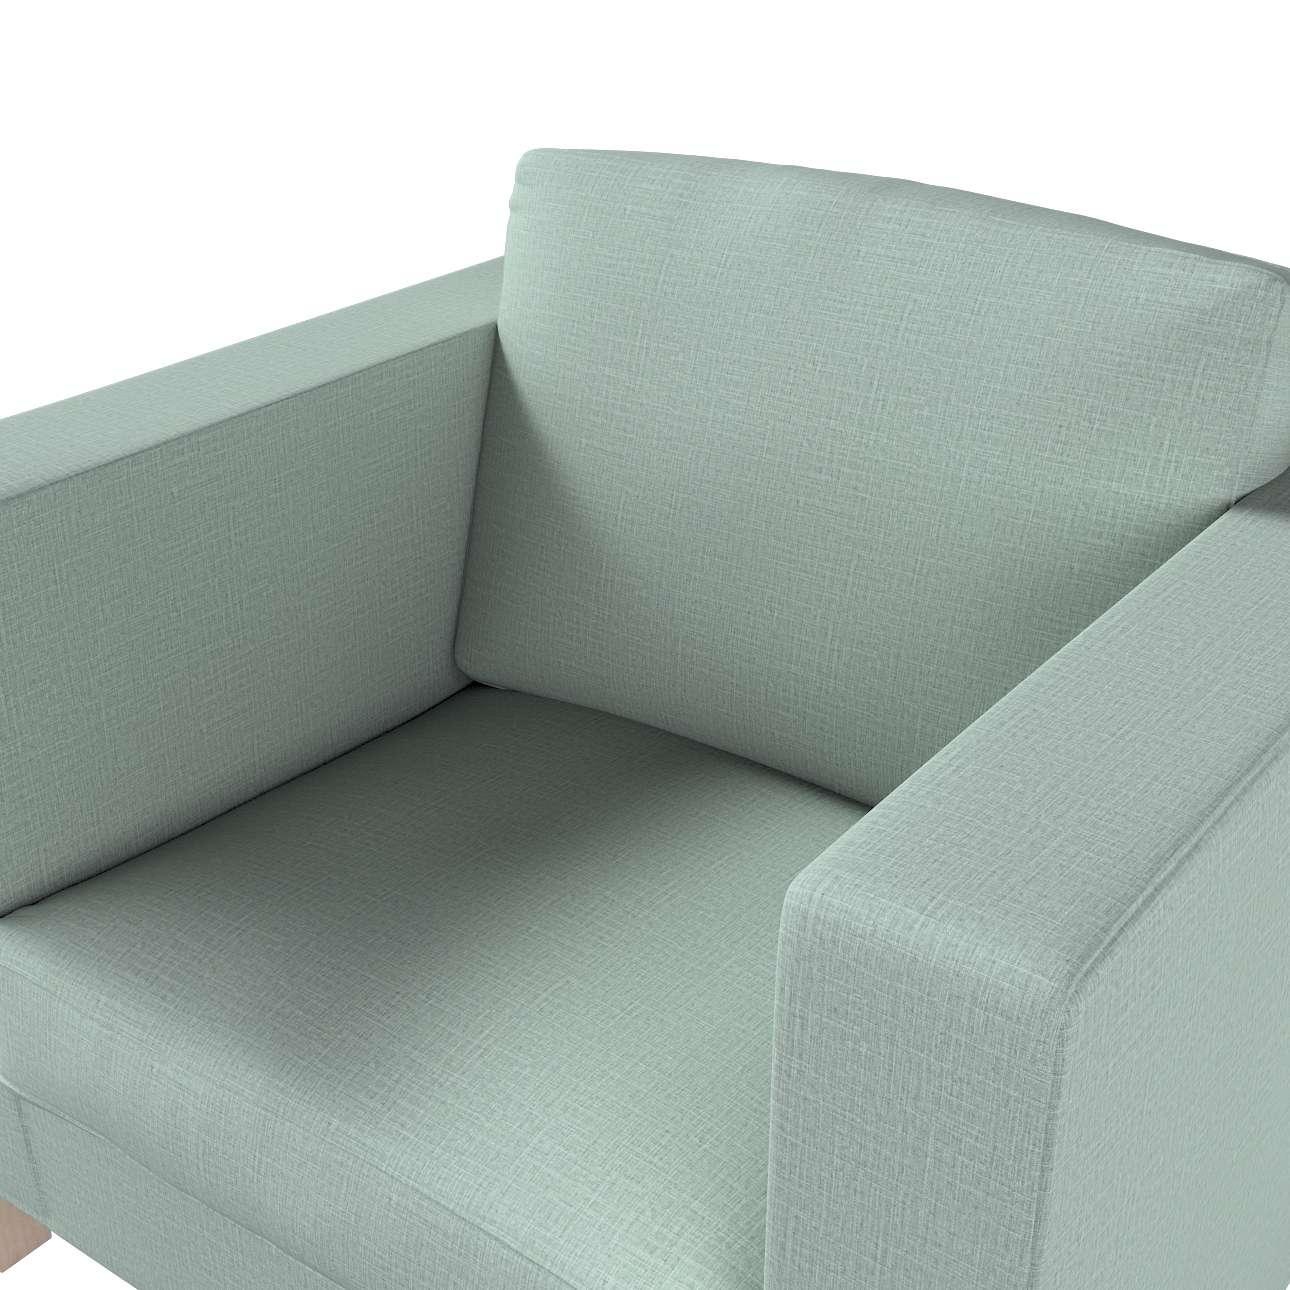 Karlanda päällinen nojatuoli, lyhyt mallistosta Living 2, Kangas: 160-86